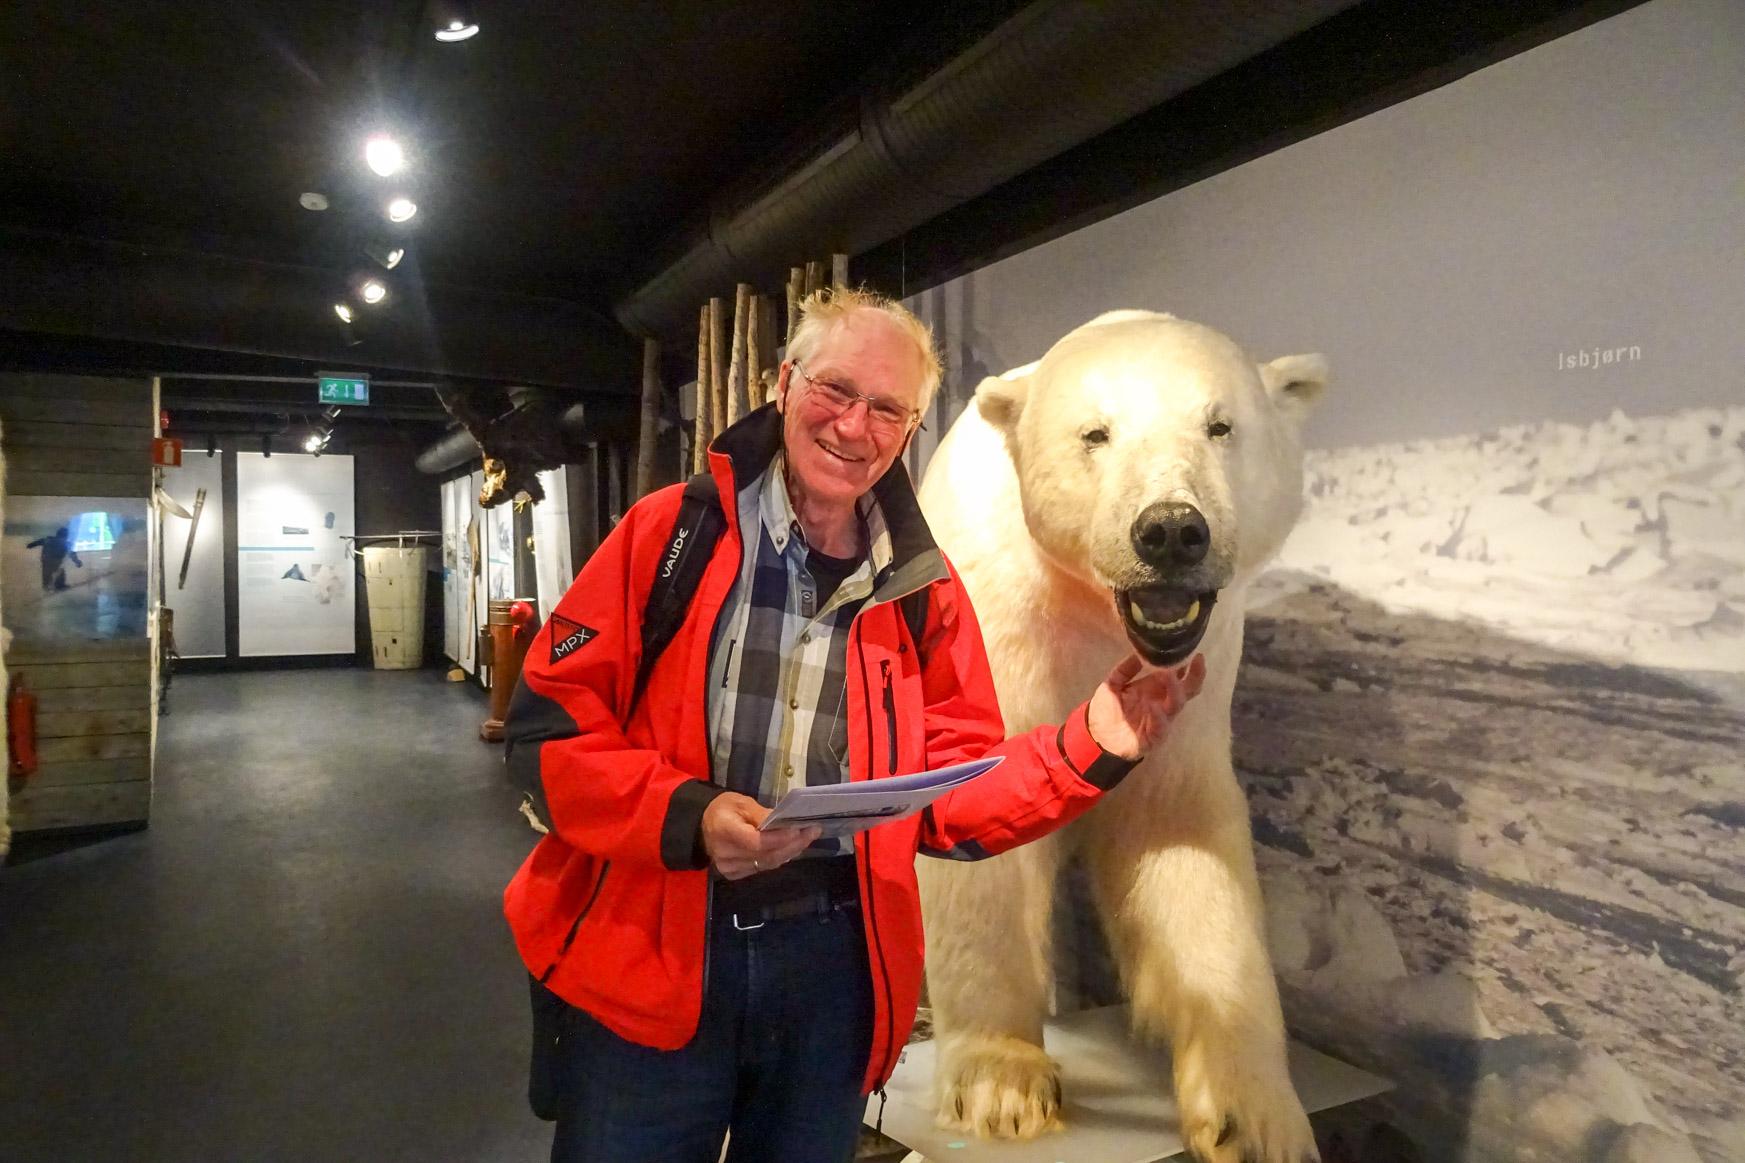 Neues Mitglied im Eisbärenclub